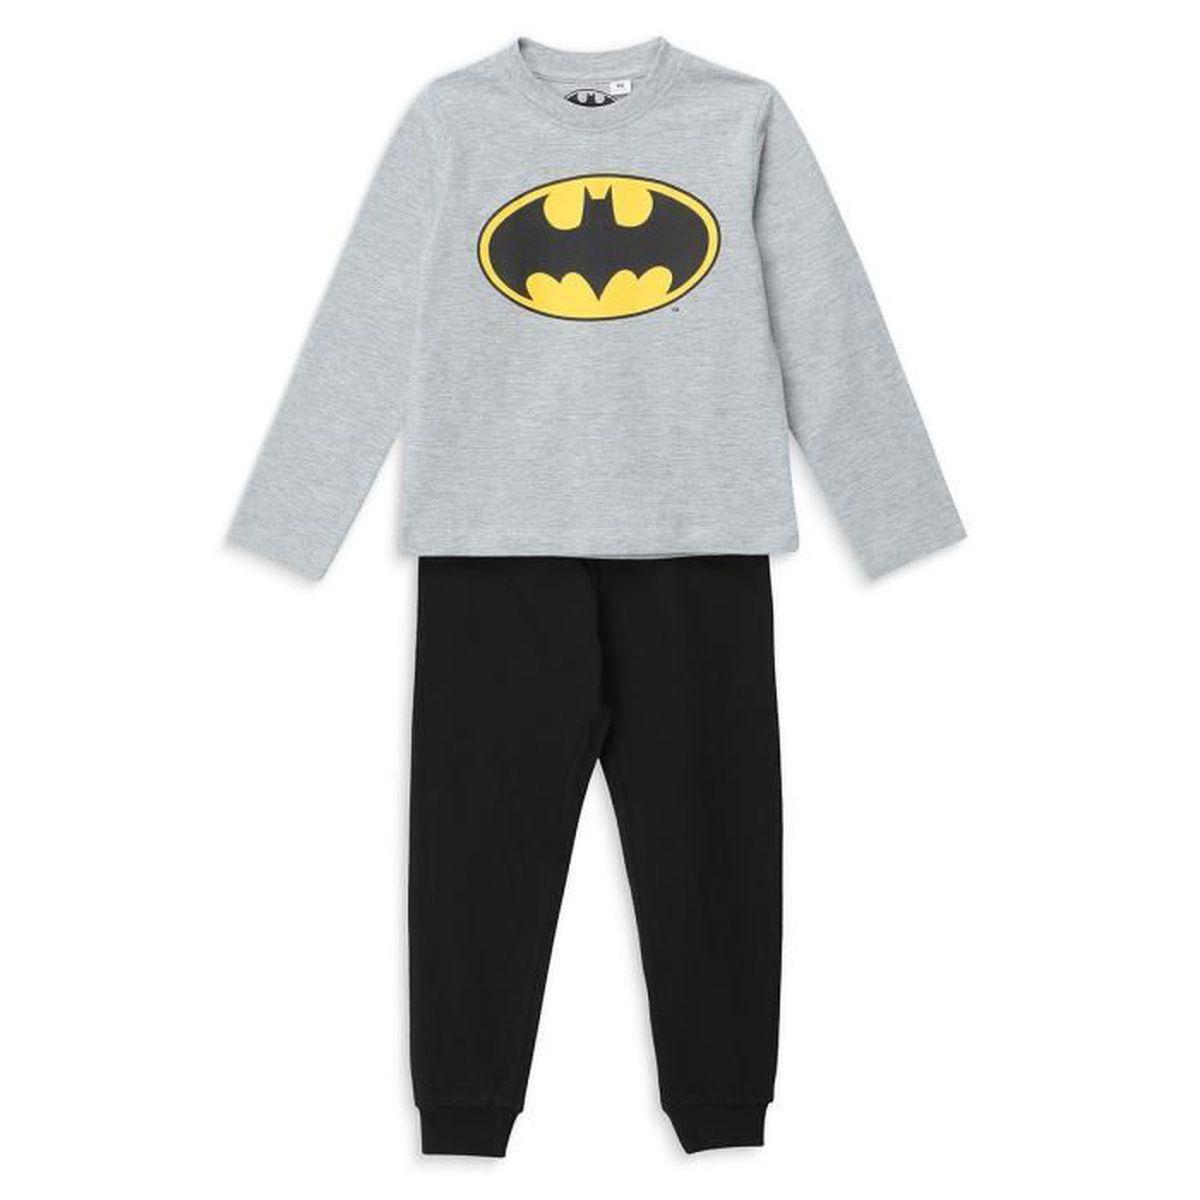 PYJAMA DC COMICS Pyjama Batman Gris/Noir Garçon